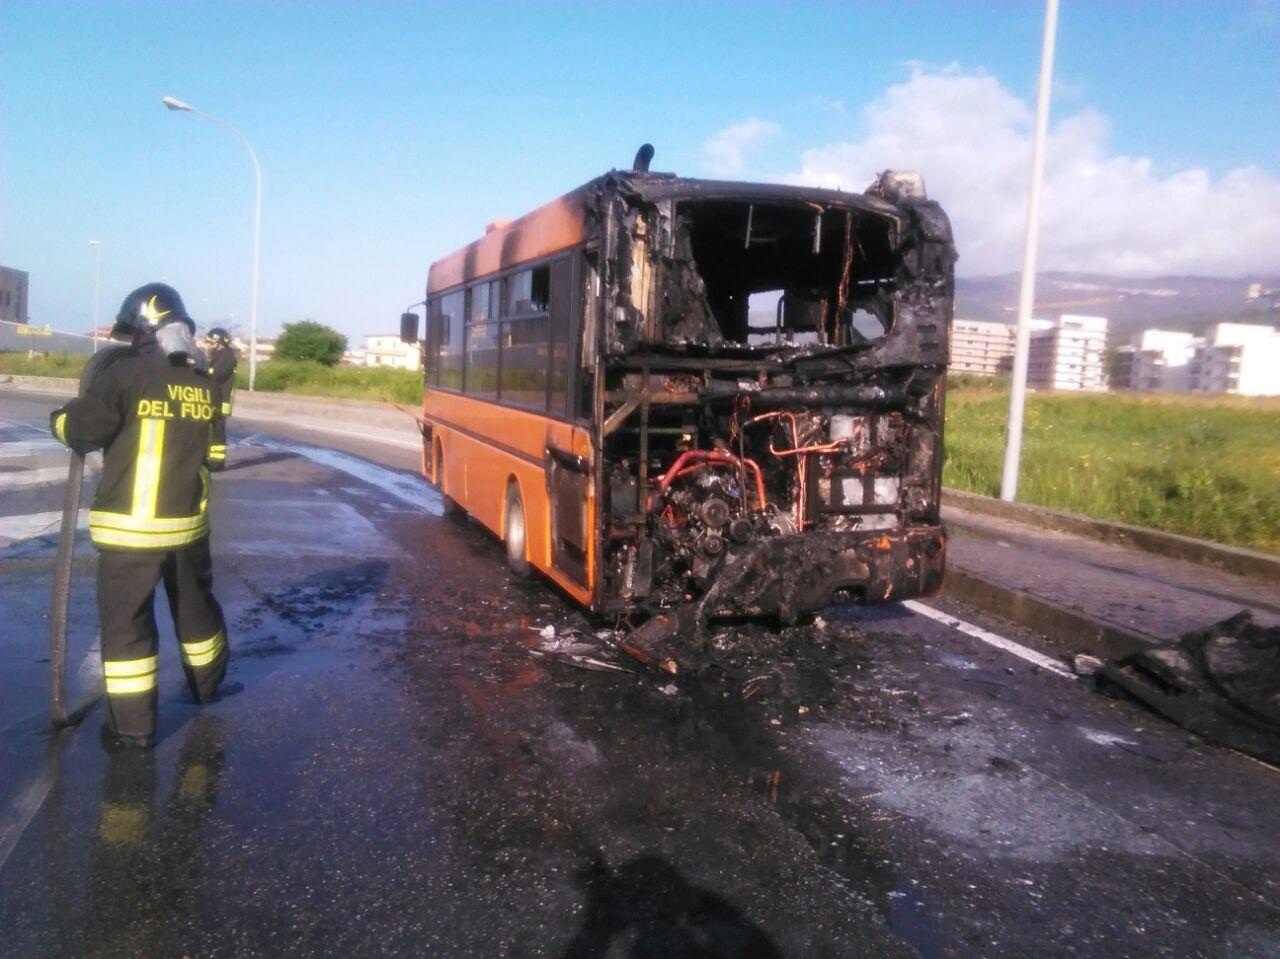 Autobus cittadino in fiamme a Lamezia Terme  Autista riesce a fermare il mezzo e salvarsi